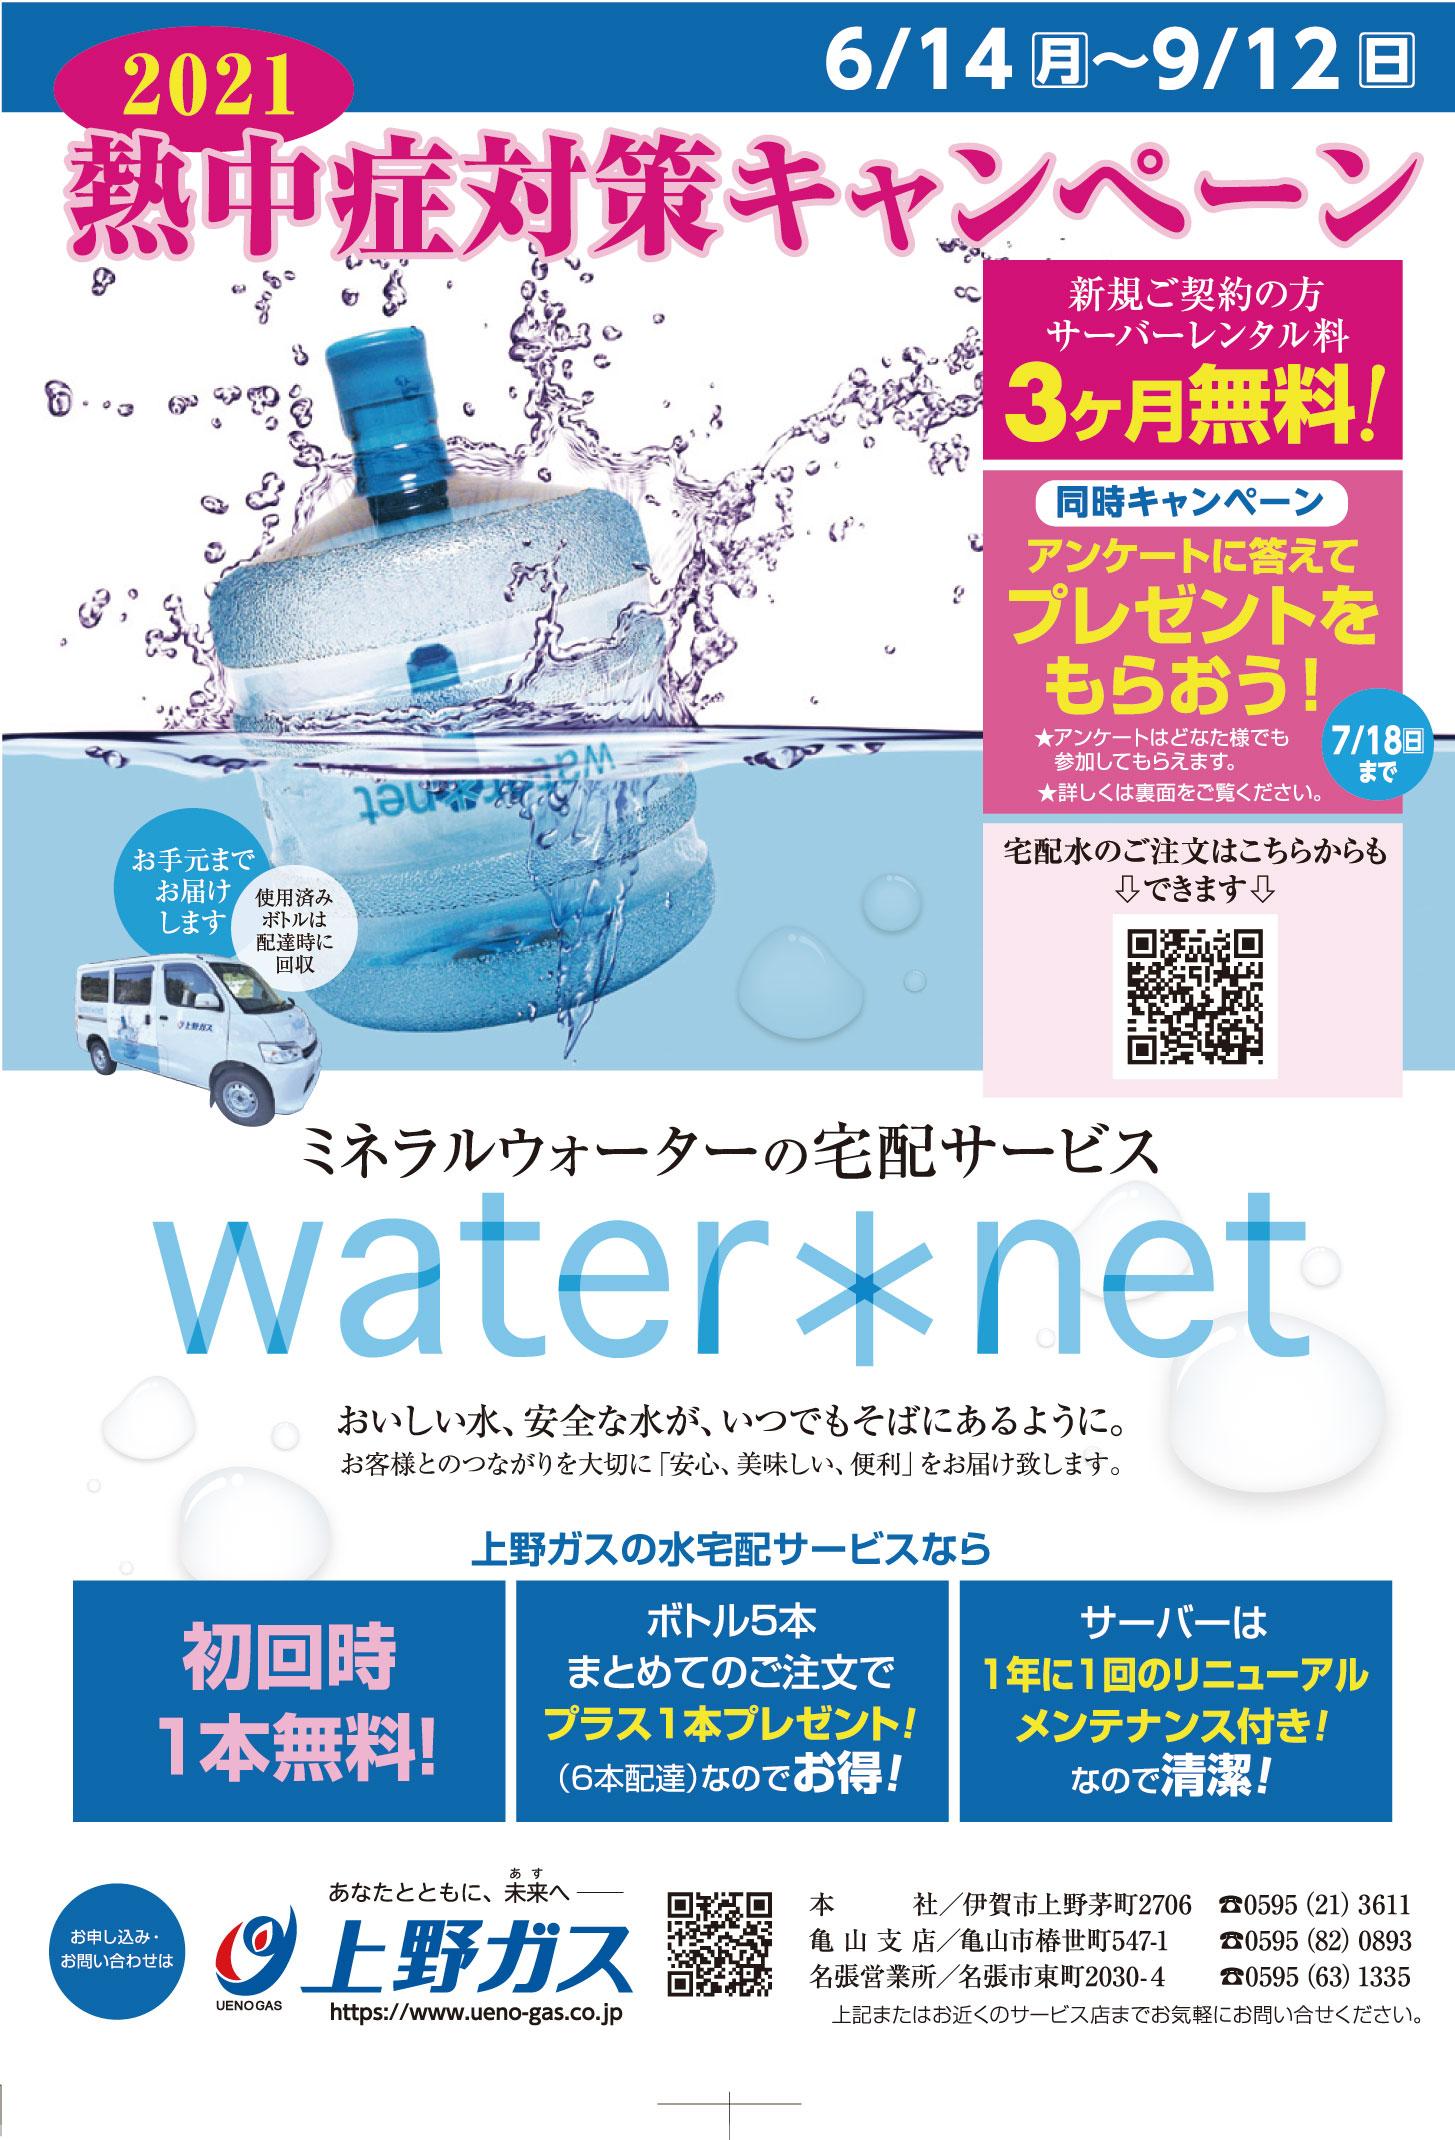 【宅配水】熱中症対策キャンペーン